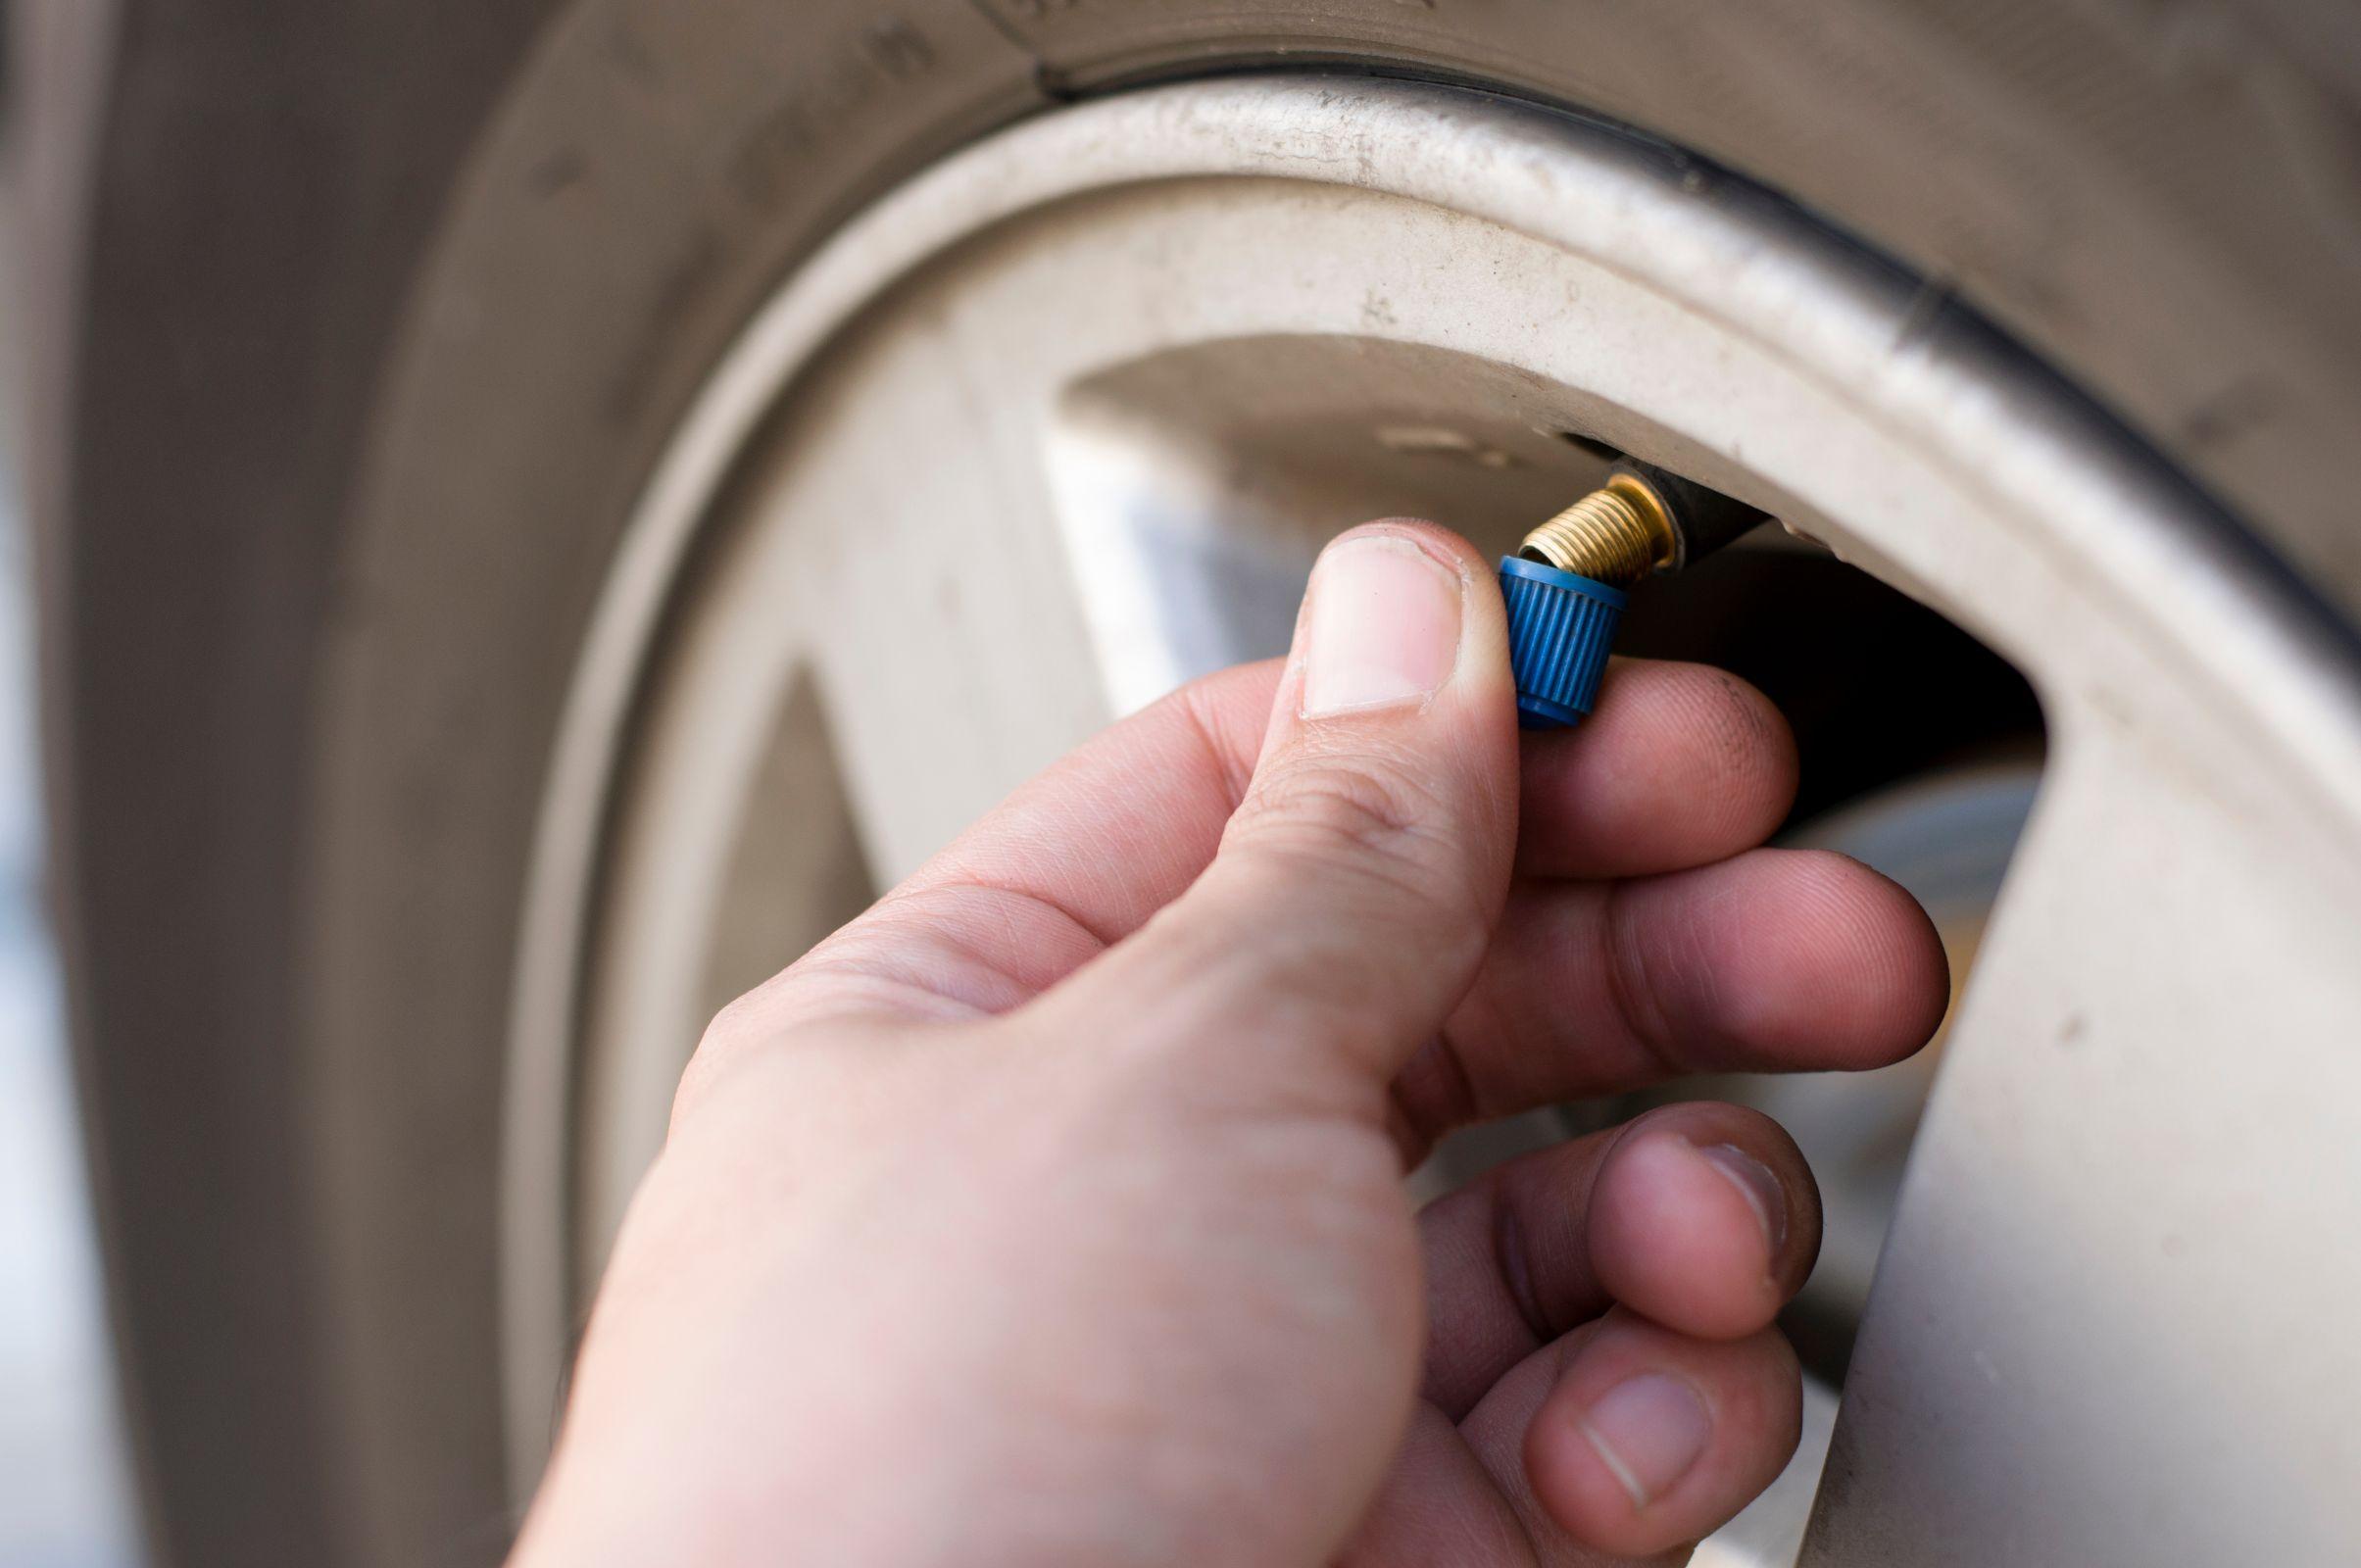 Pessoa abrindo a tampa da válvula do pneu do carro